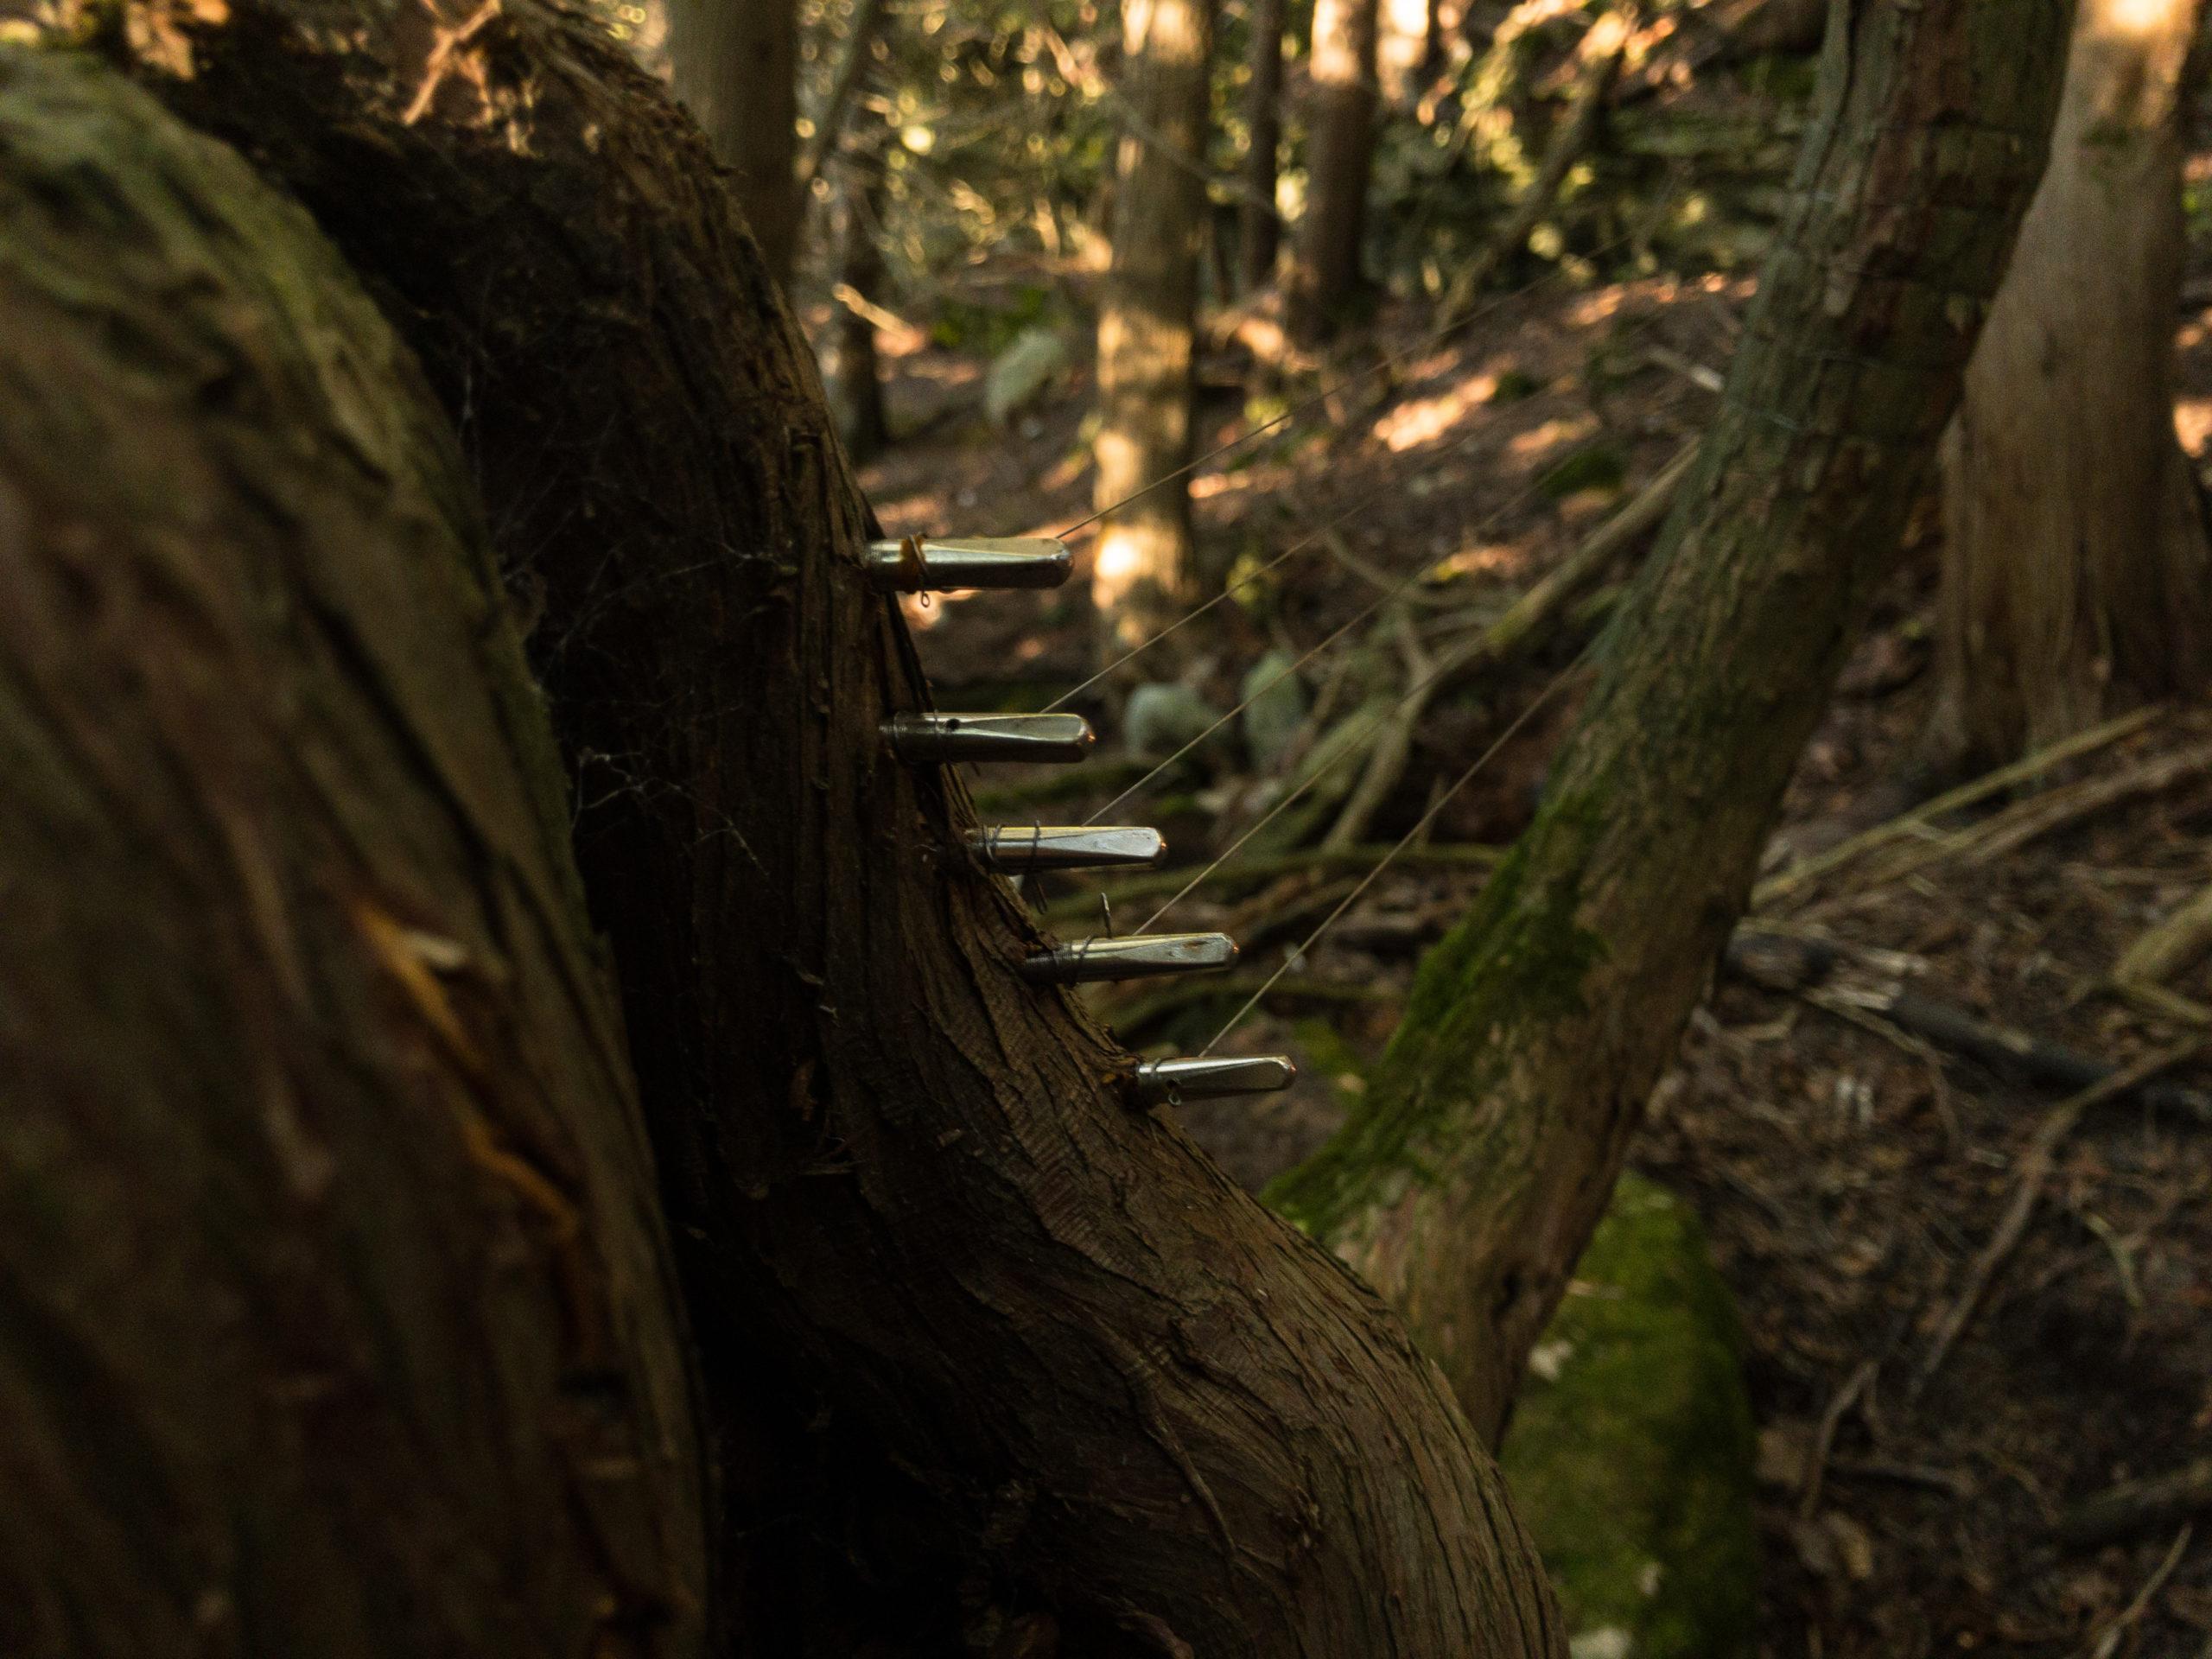 tree harp gegute sode11